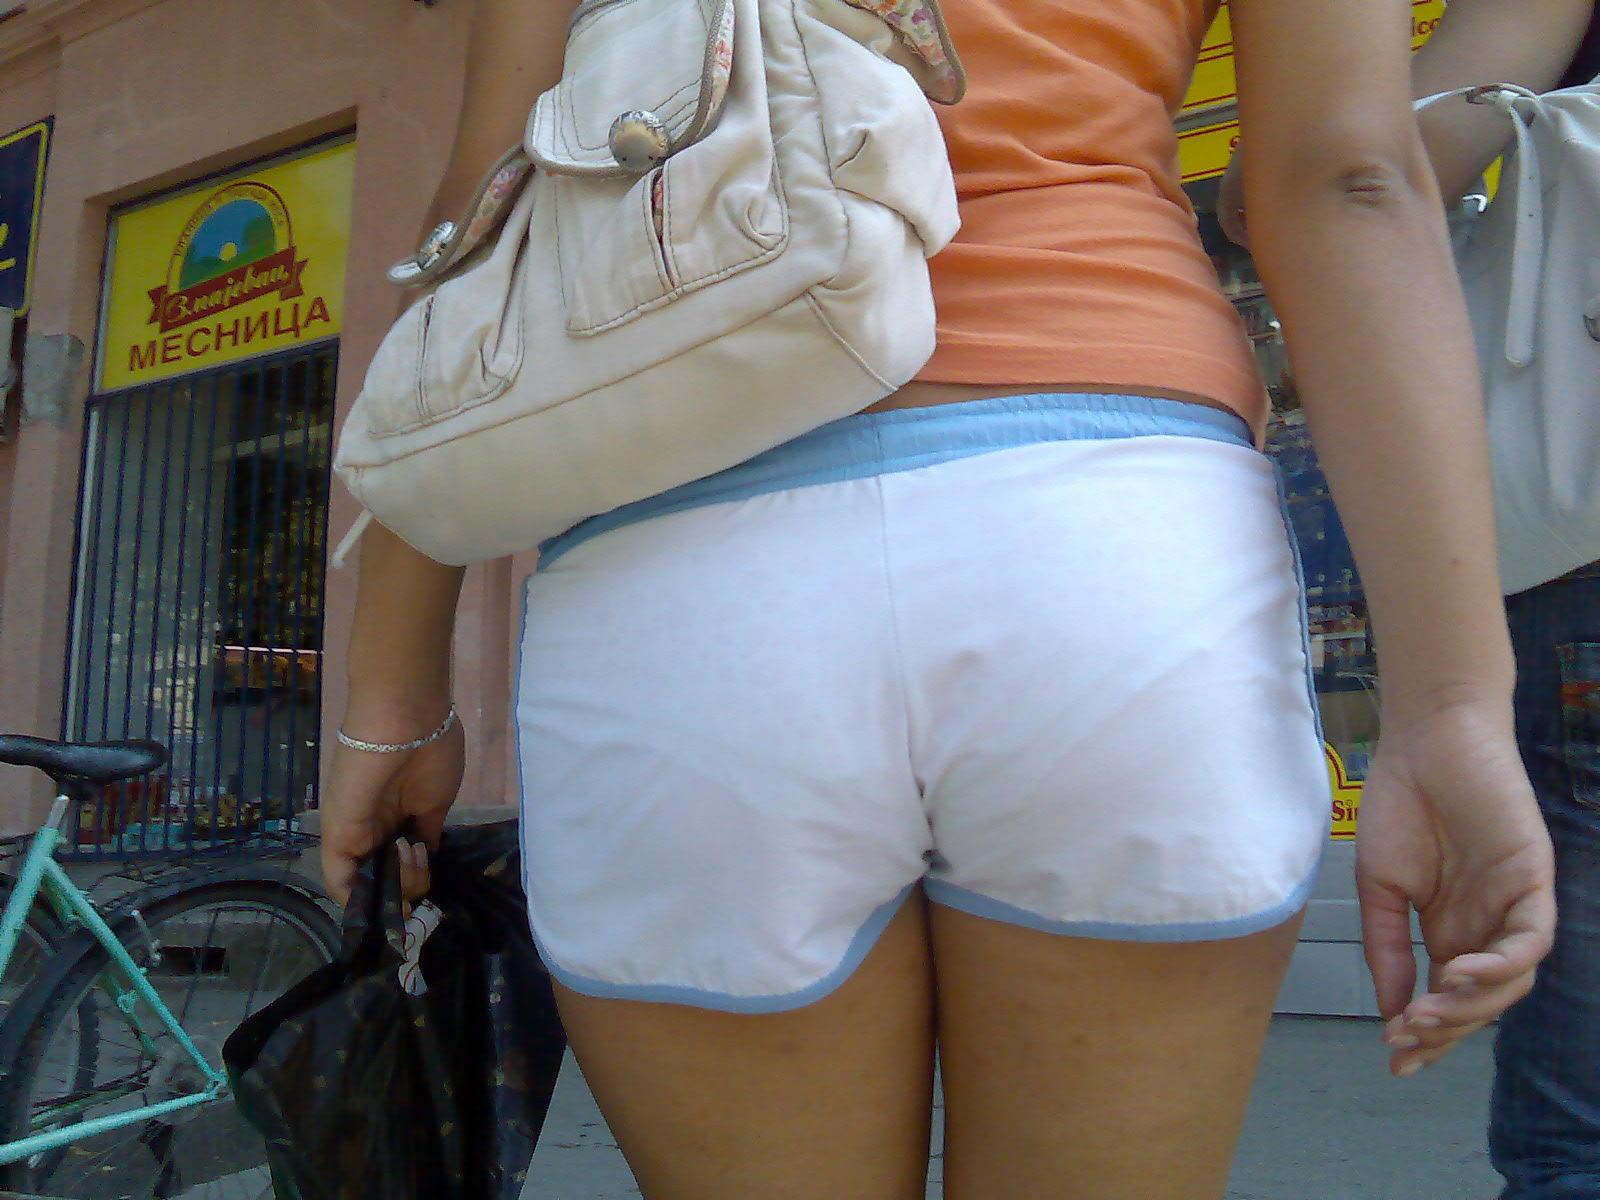 【透けパンエロ画像】流石は海外w薄手のボトムから下着透けまくった淑女が大多数www 20